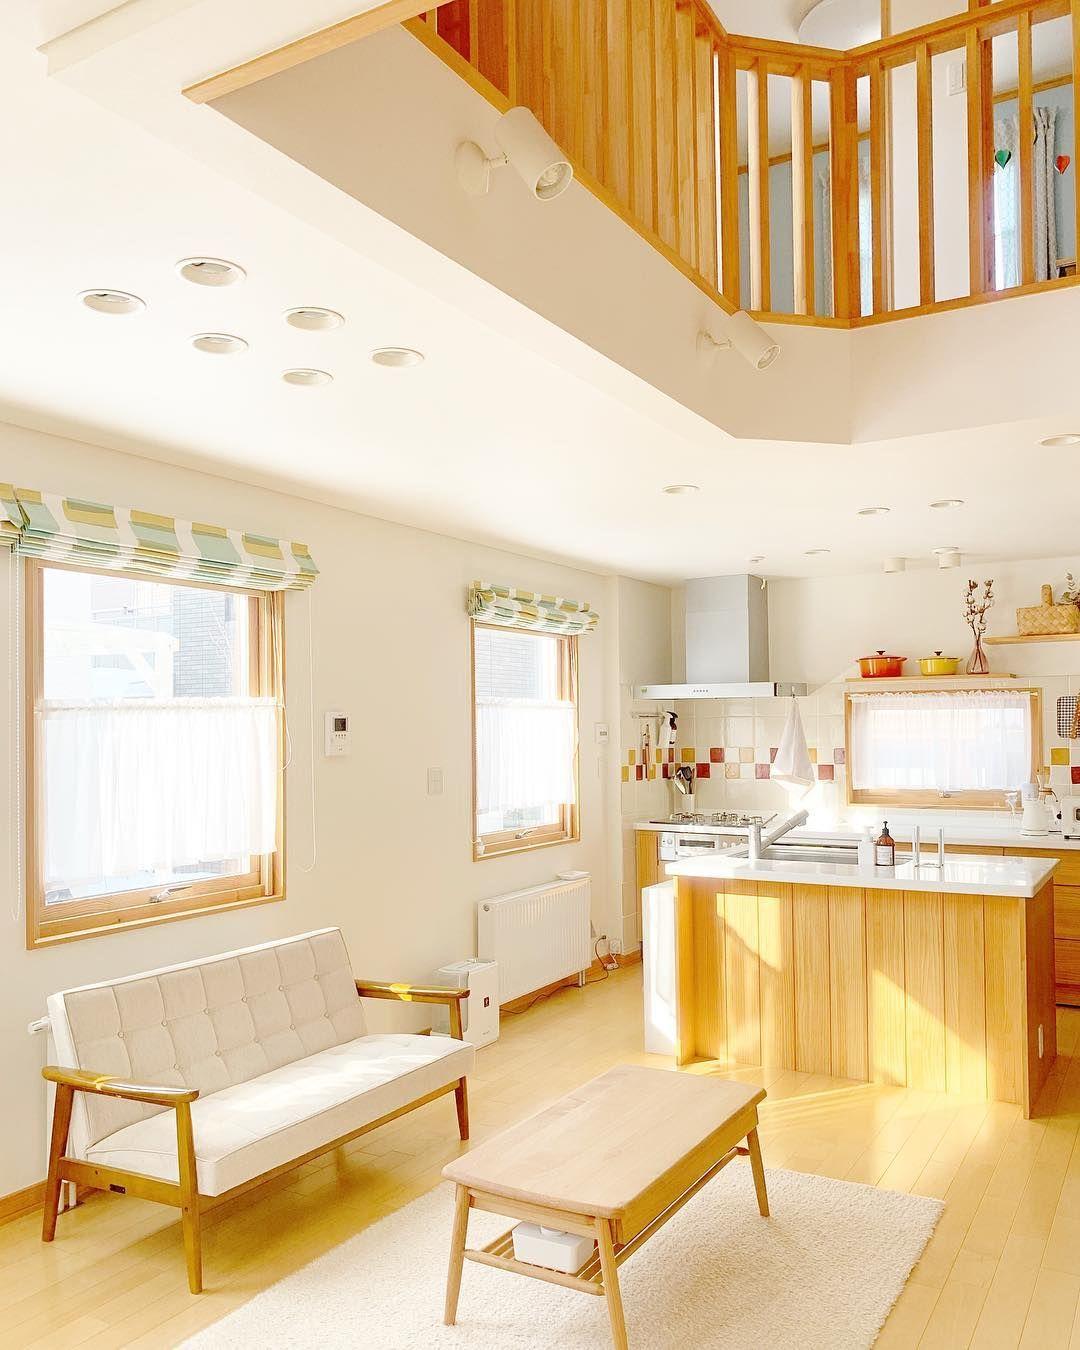 アイランドキッチン実例集 自宅がおしゃれなカフェ風になる独立型